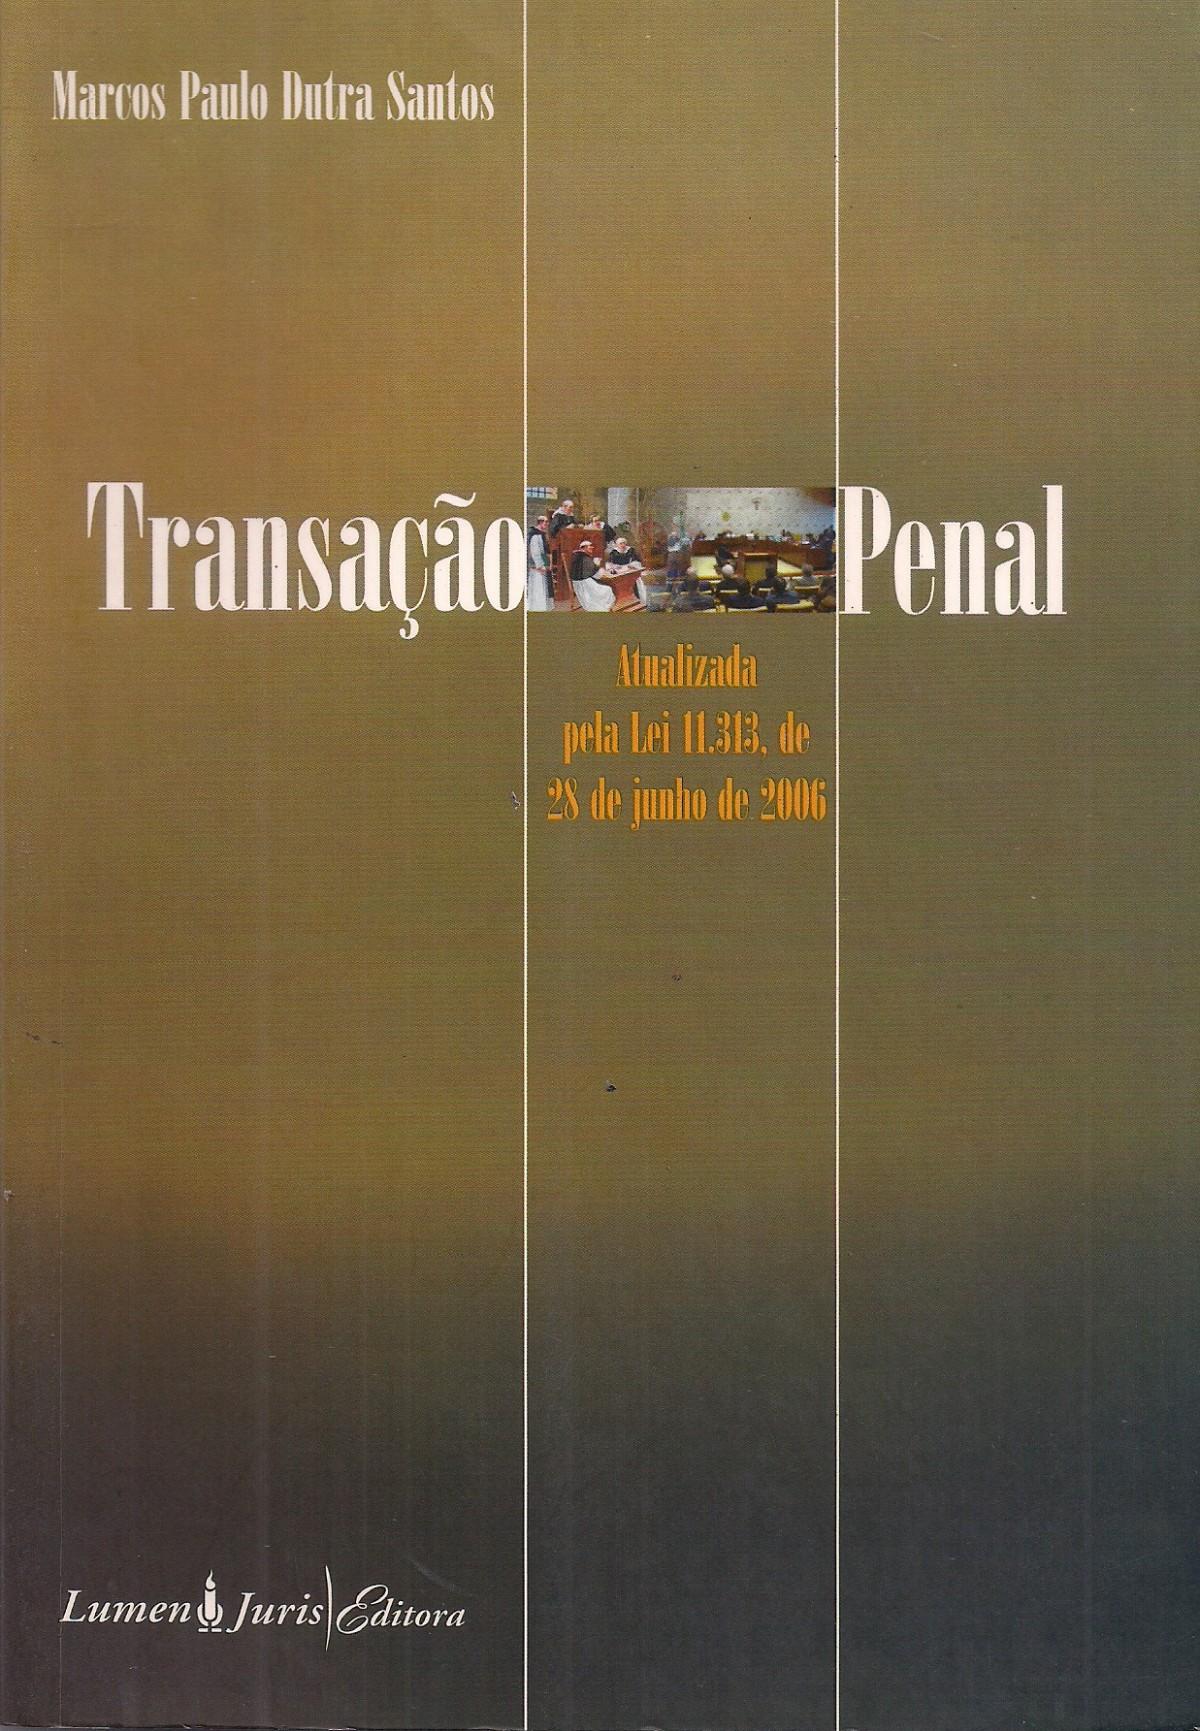 Foto 1 - Transação Penal - Atualizada Pela Lei 11.313, de 28 de Junho de 2006